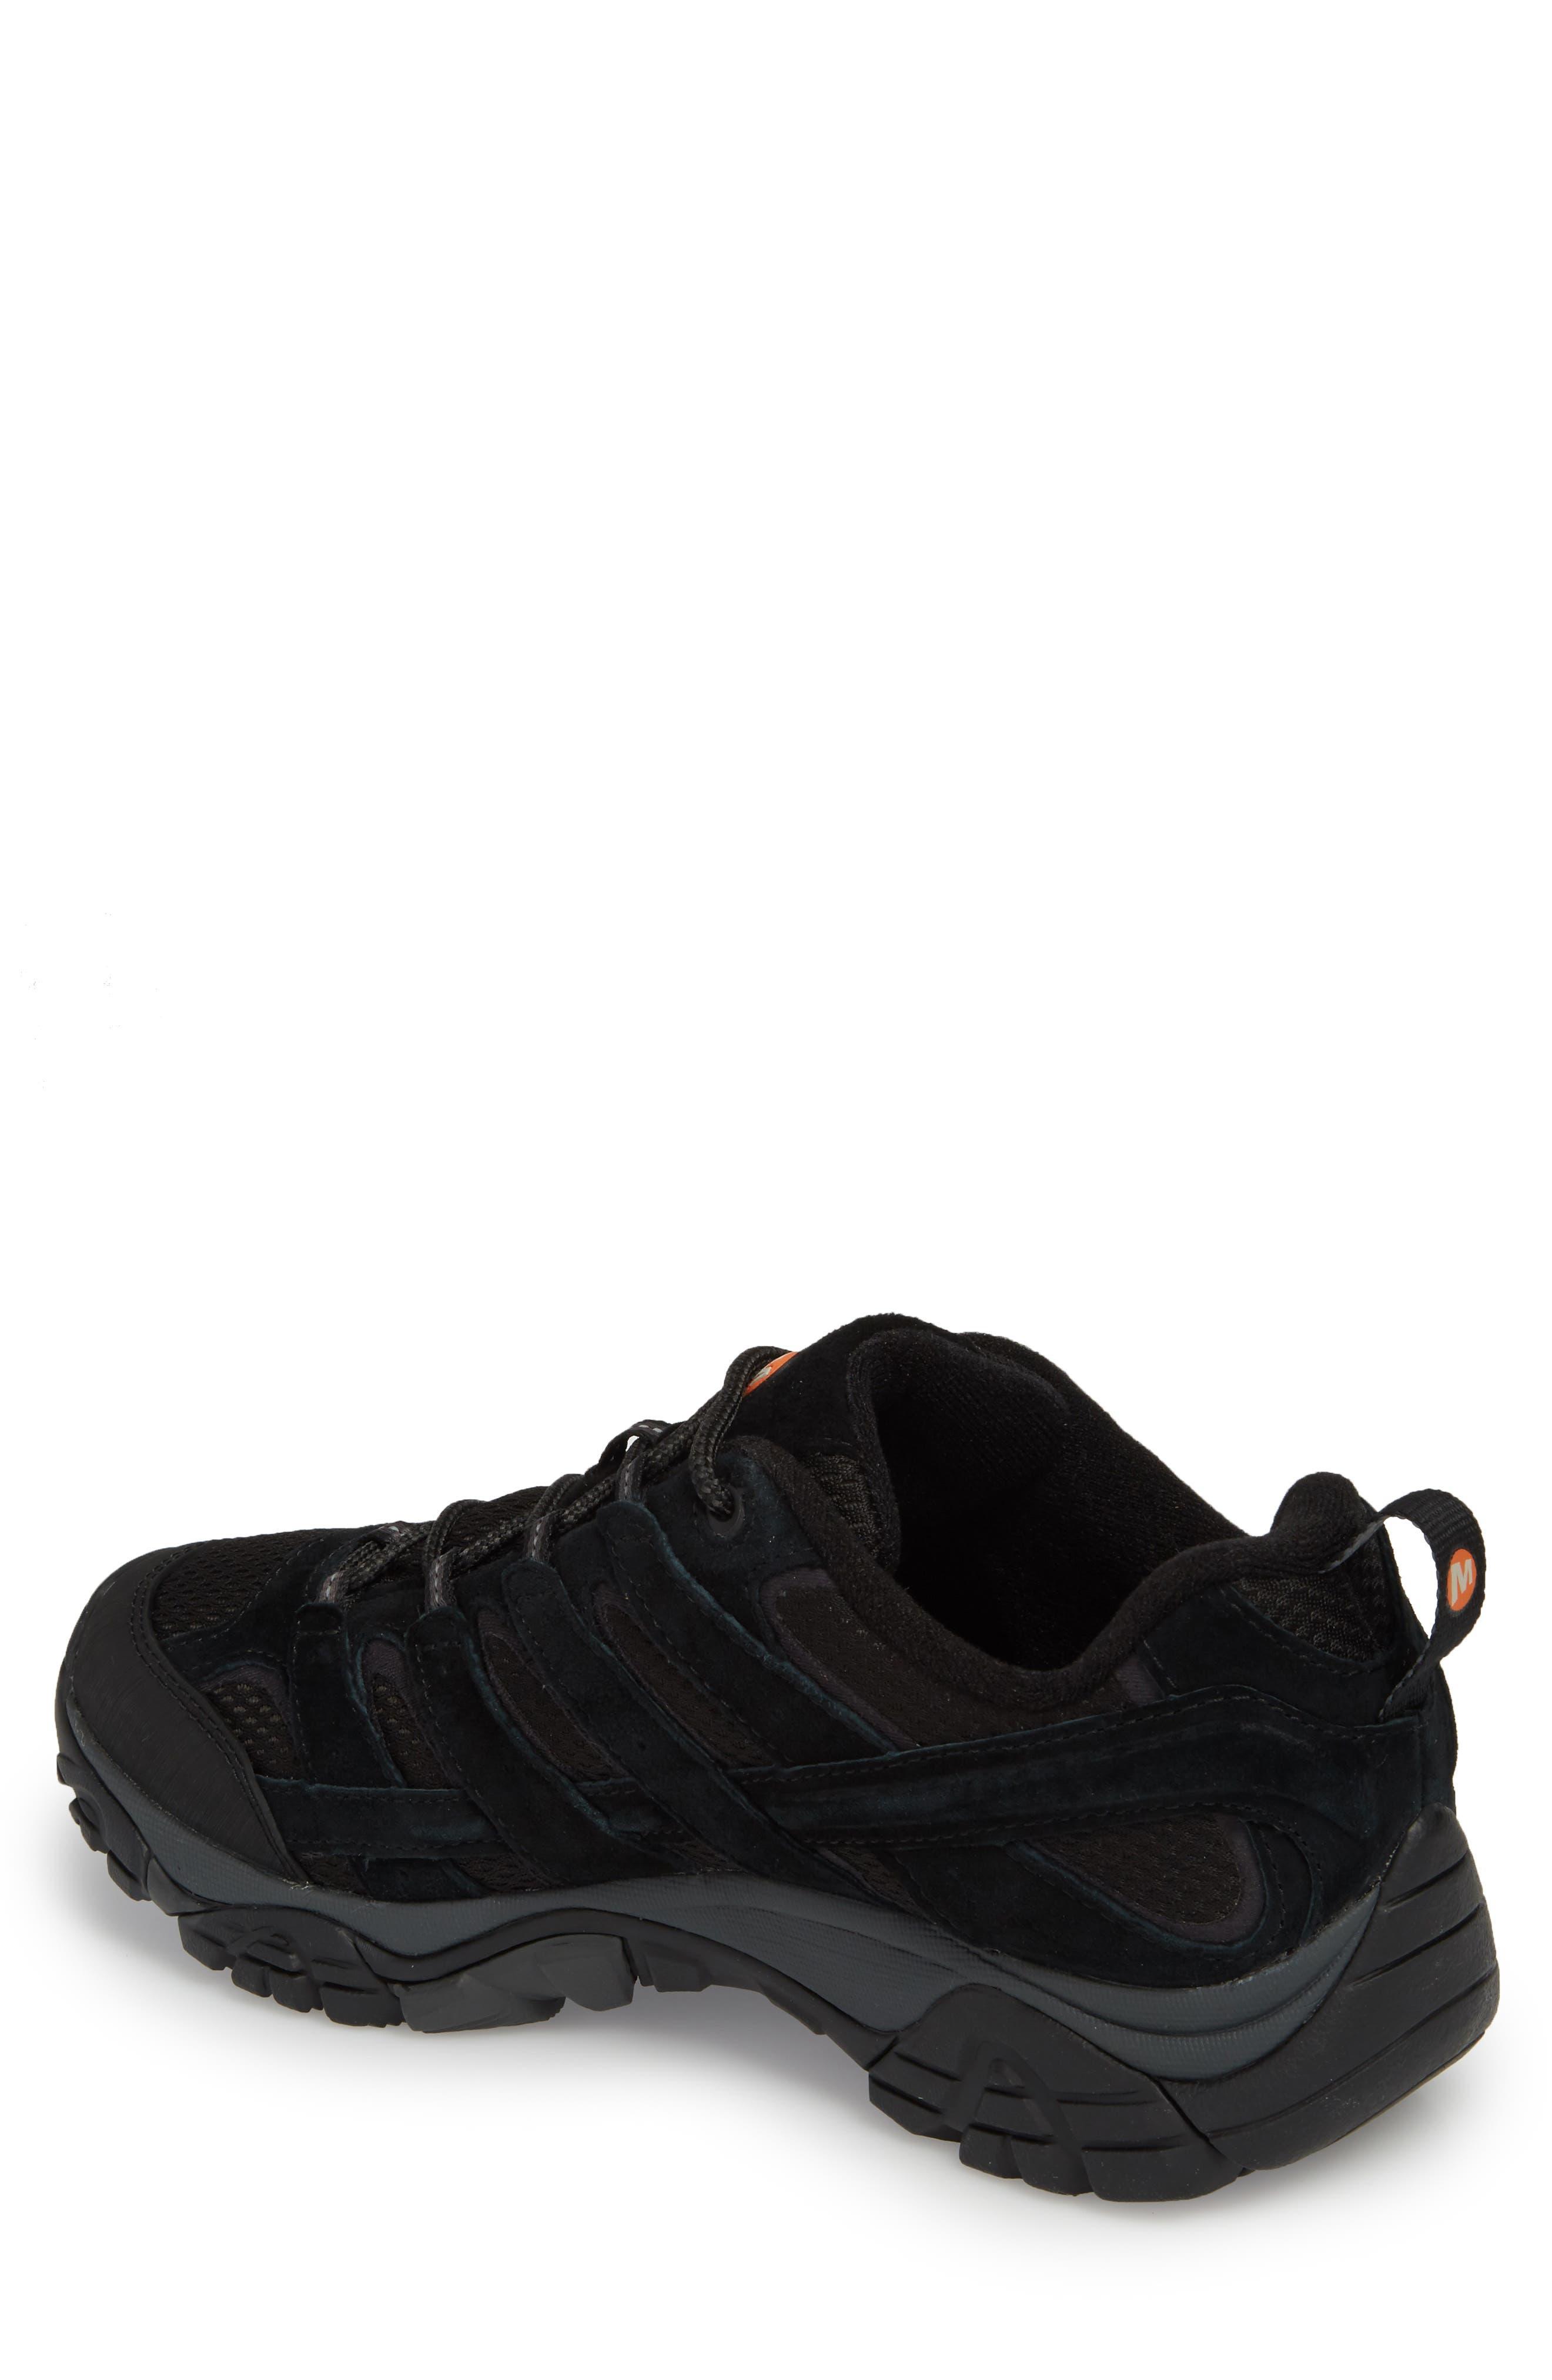 MERRELL, Moab 2 Ventilator Hiking Shoe, Alternate thumbnail 2, color, BLACK NIGHT